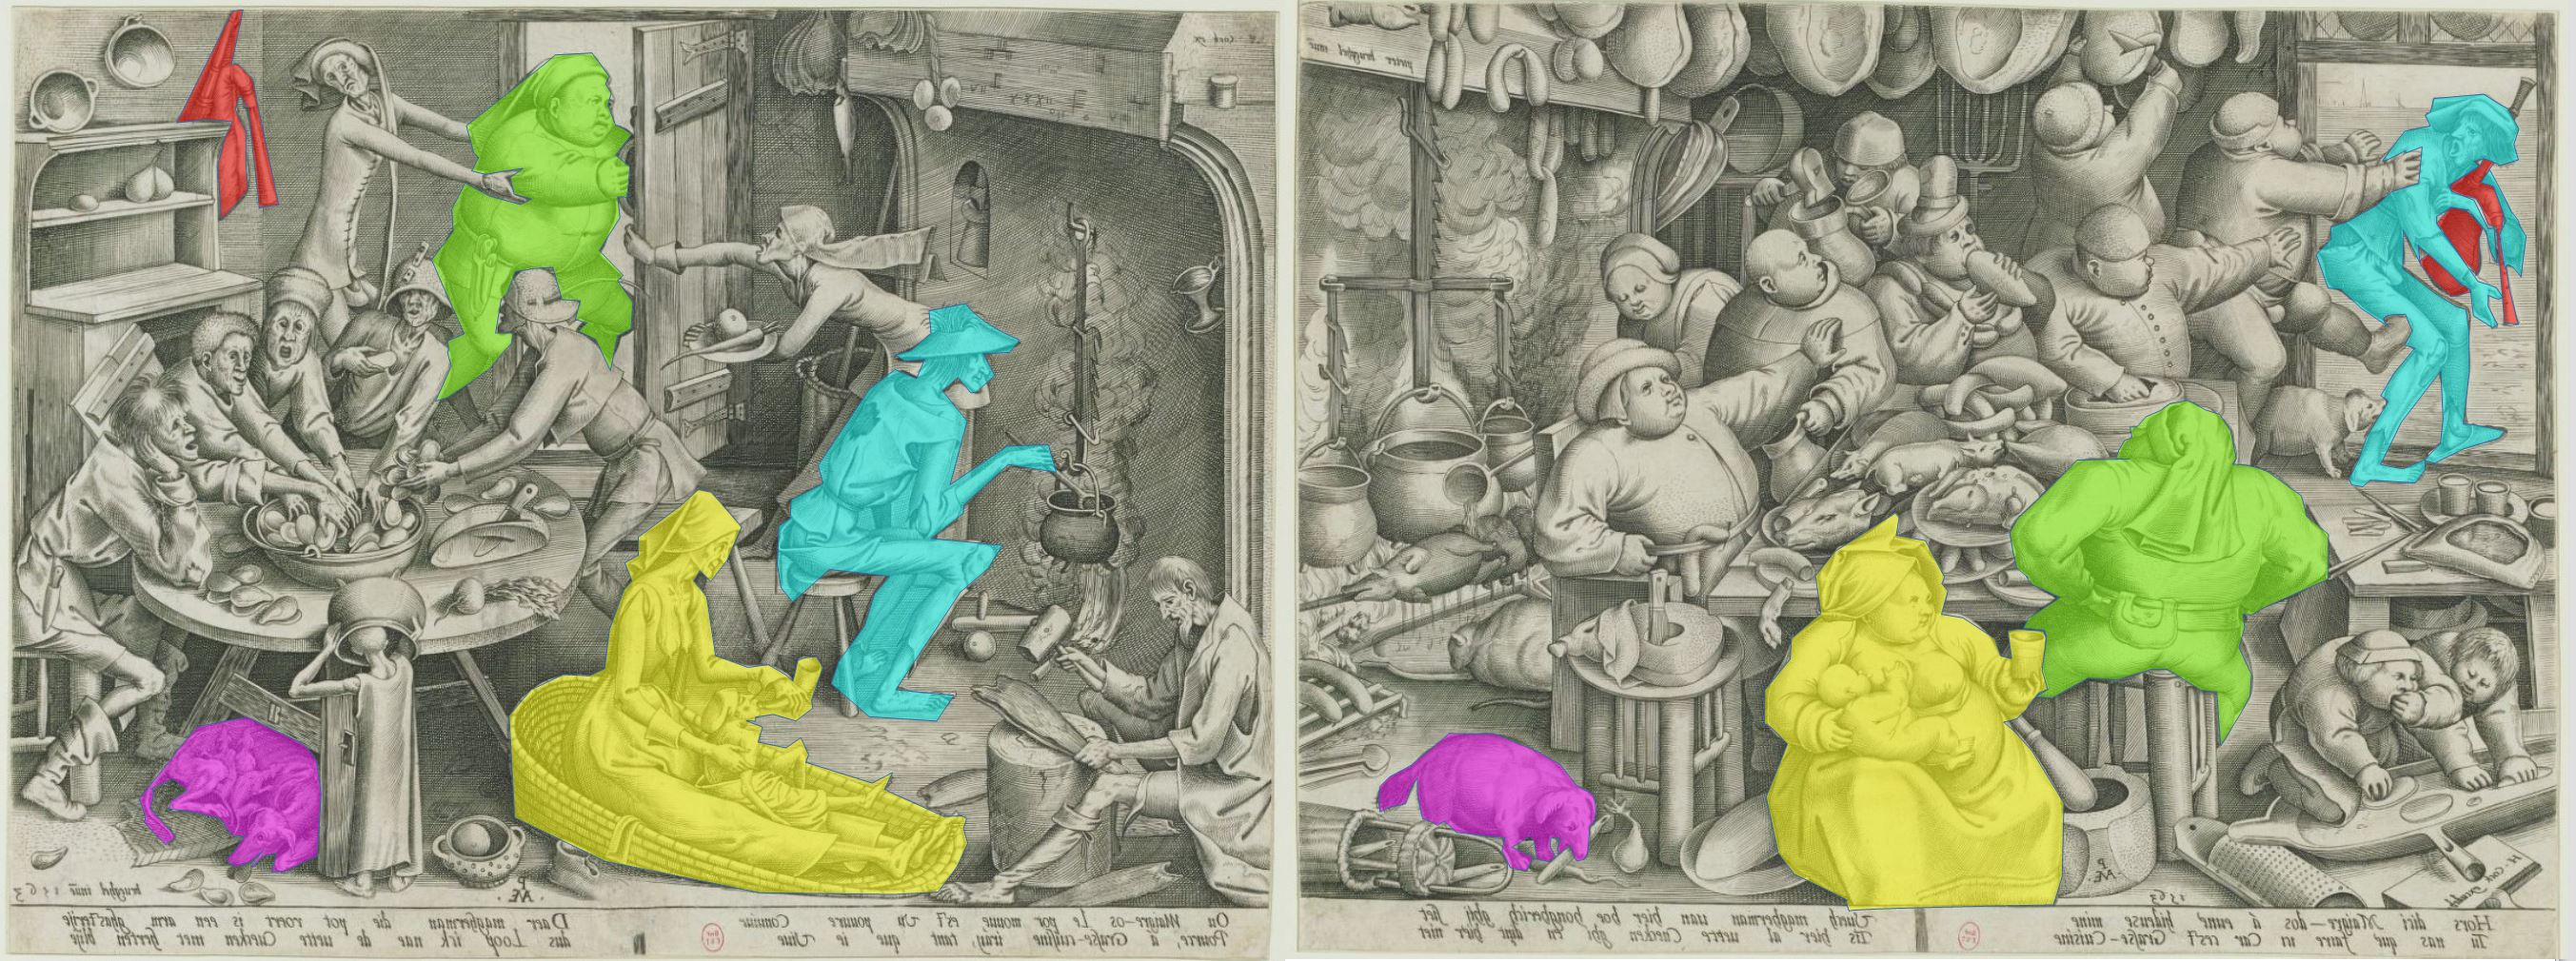 Brueghel cuisine maigre grasse schema inverse